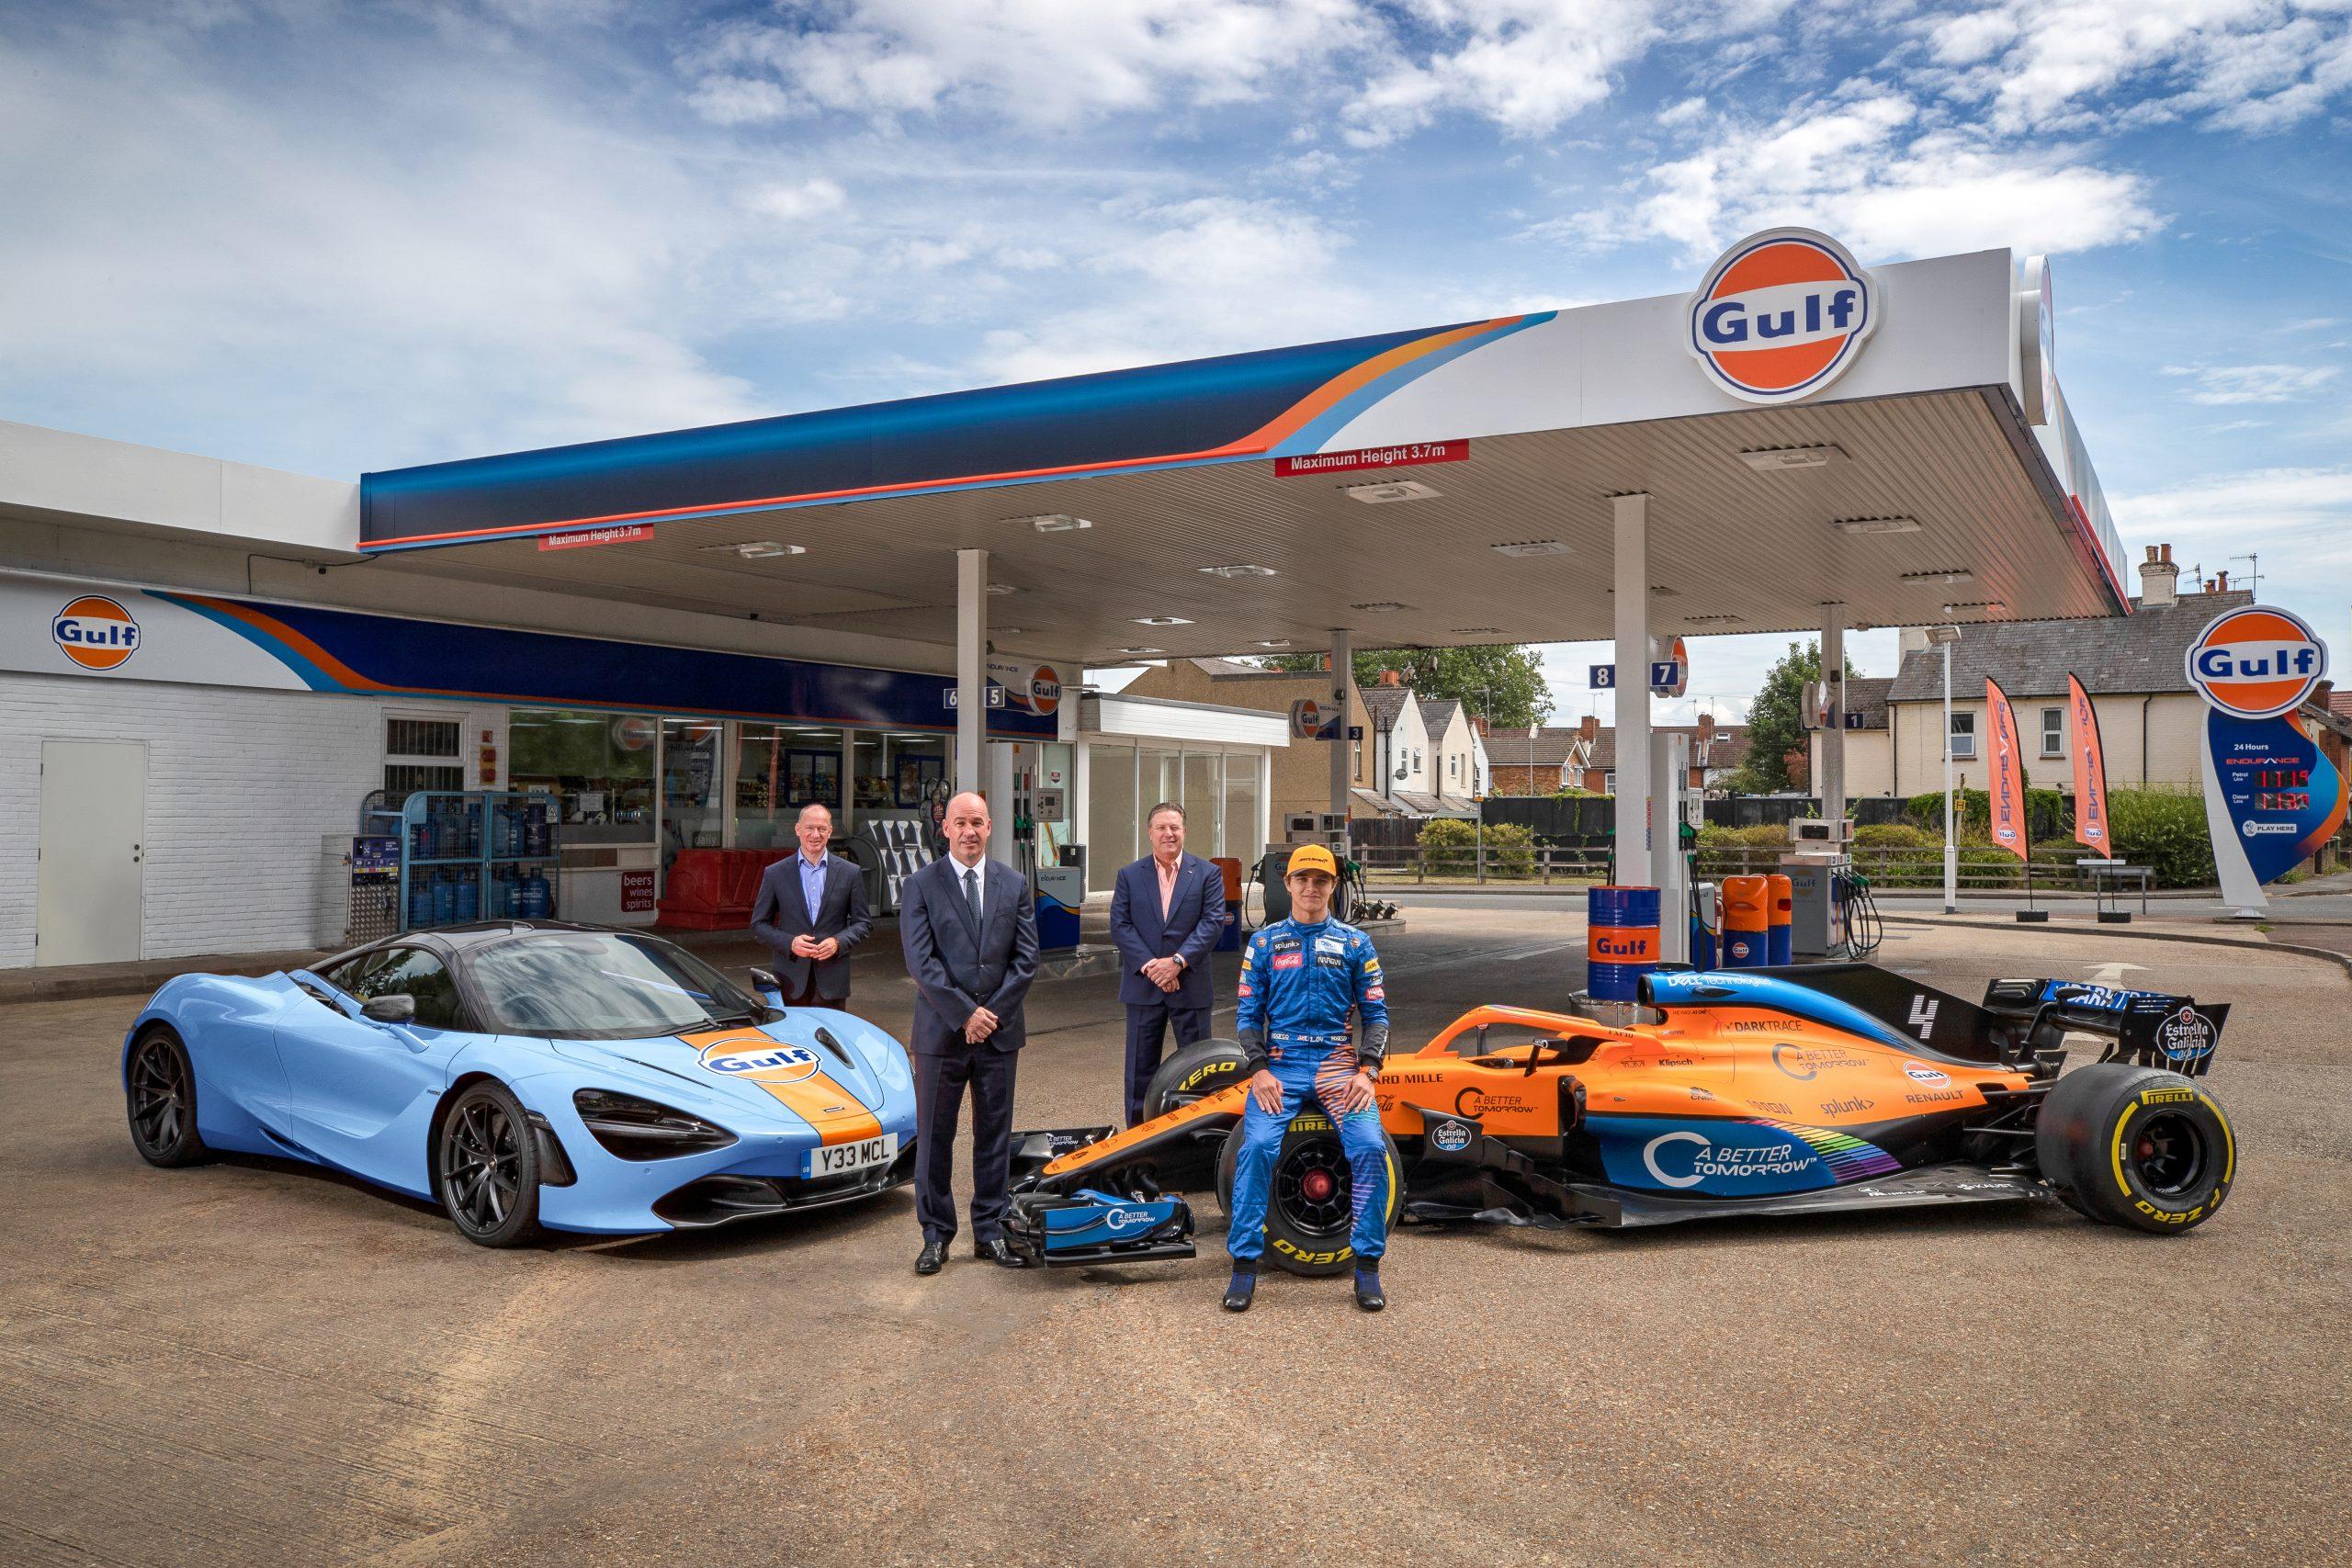 McLaren en Gulf